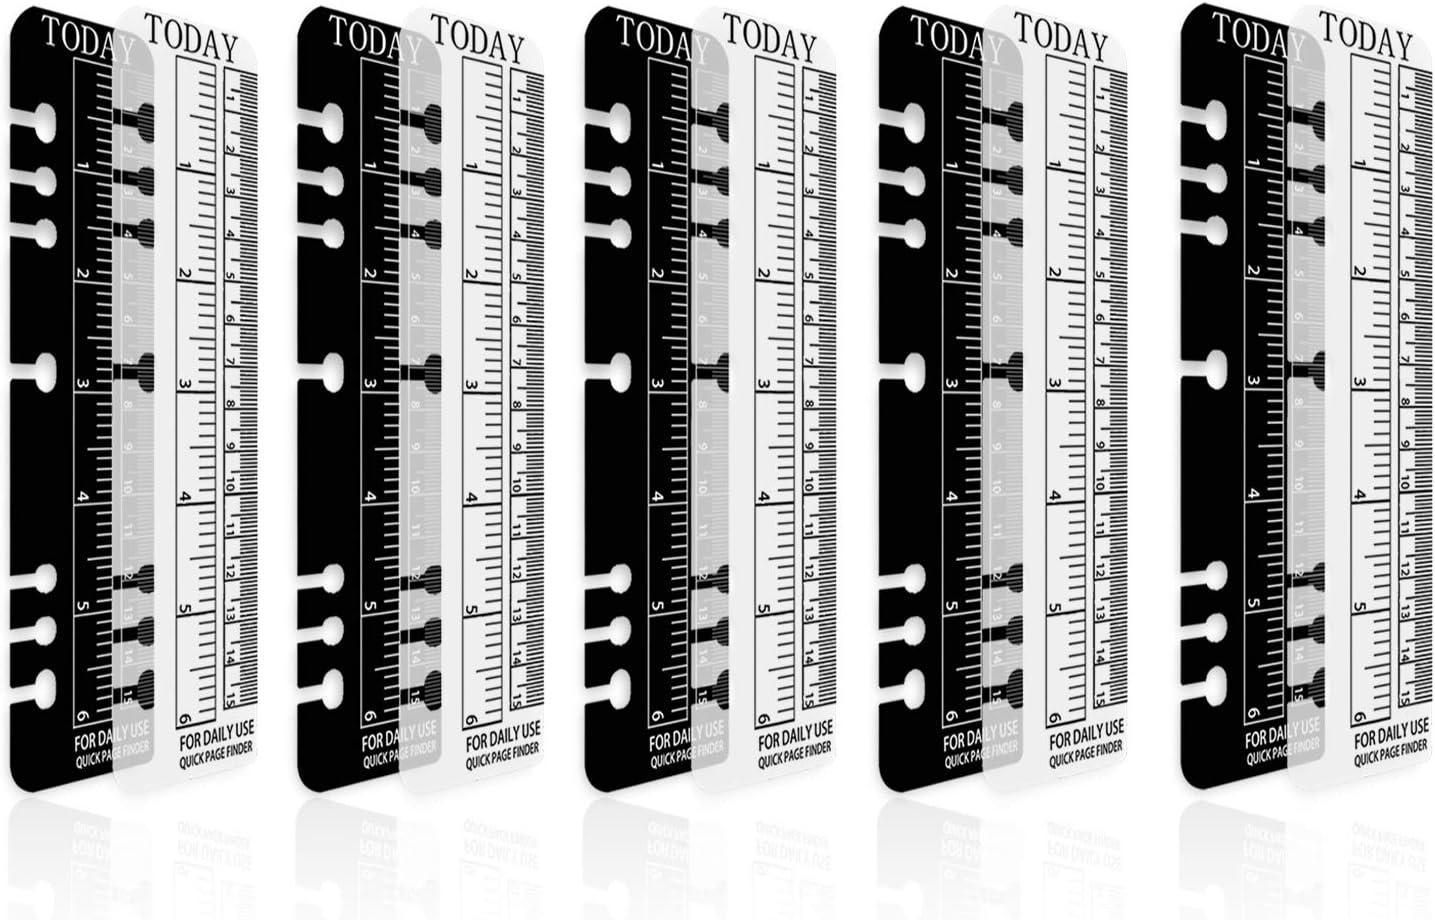 Larcenciel 10 pi/èces Carnet de notes A6 Filofax R/ègle 15cm Intercalaires de reliure de signet 6 trous /à fixation rapide Page dindex ins/érable dans le planificateur R/ègle en plastique de mesure